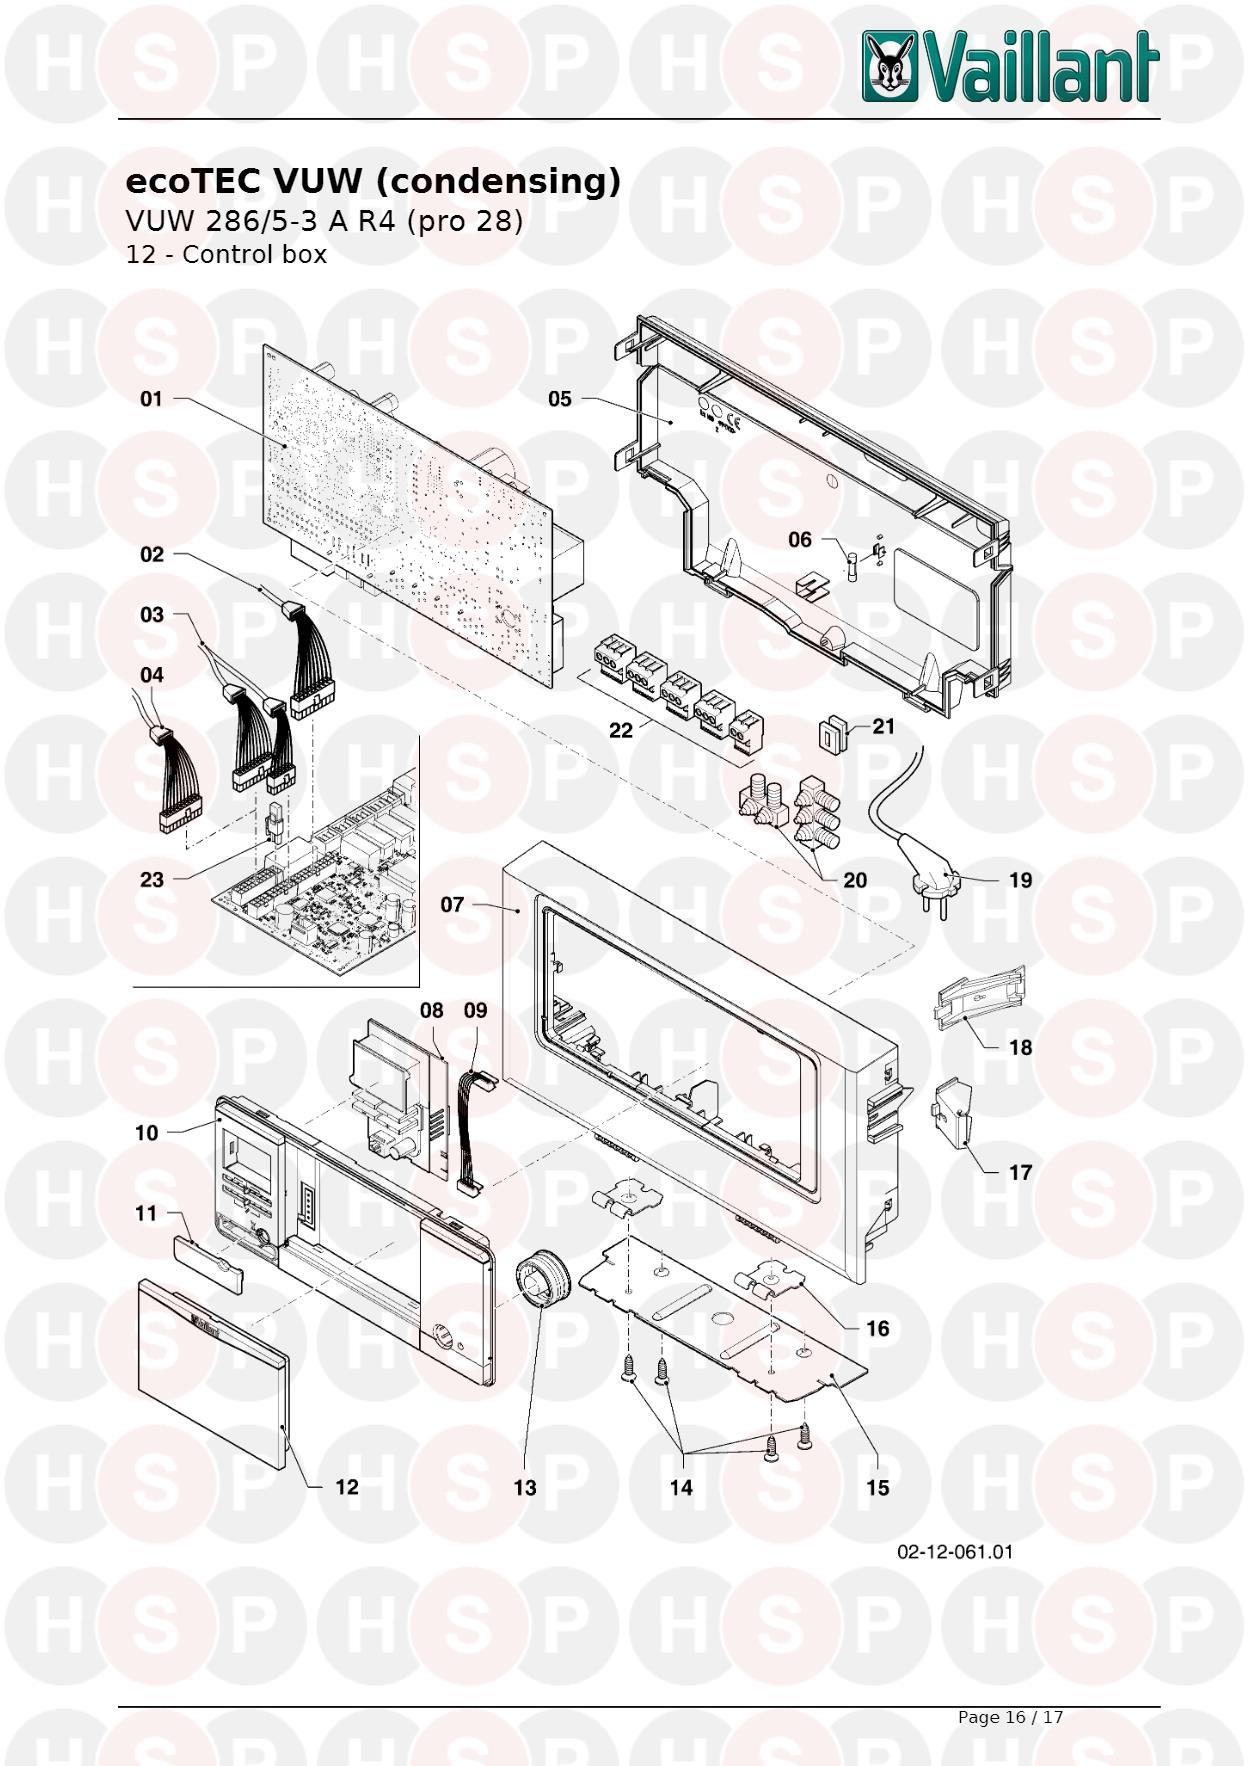 Vaillant ECOTEC PRO 28 VUW 286/5-3 R4 (current production